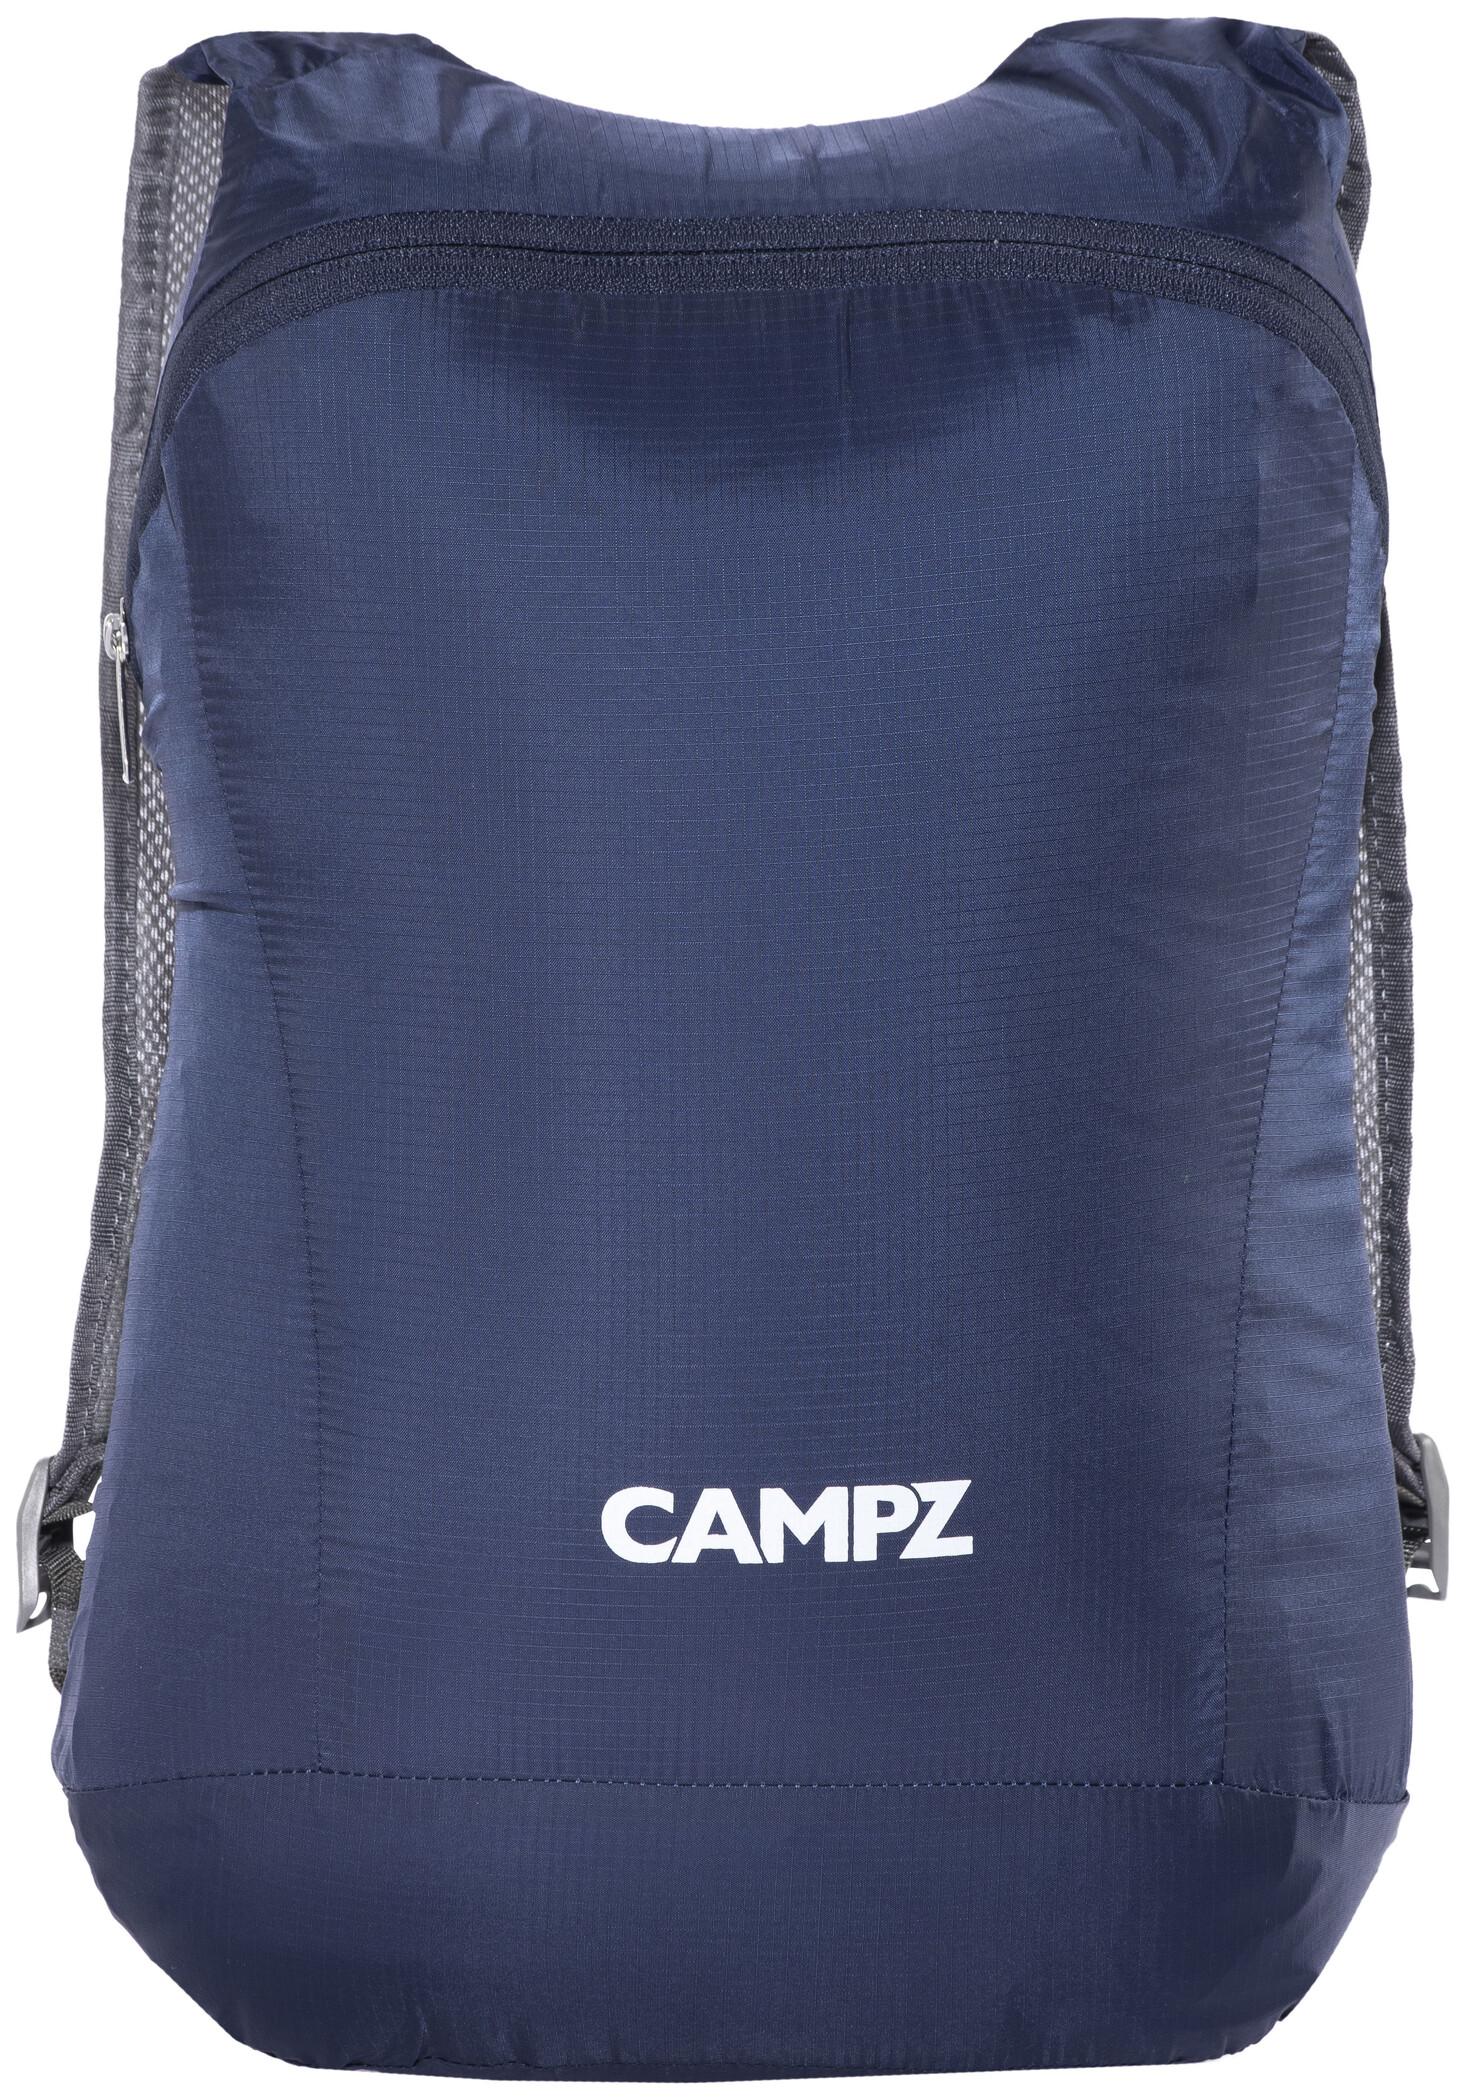 CAMPZ Foldbar rygsæk Ultralight 12l, blue | Rygsæk og rejsetasker